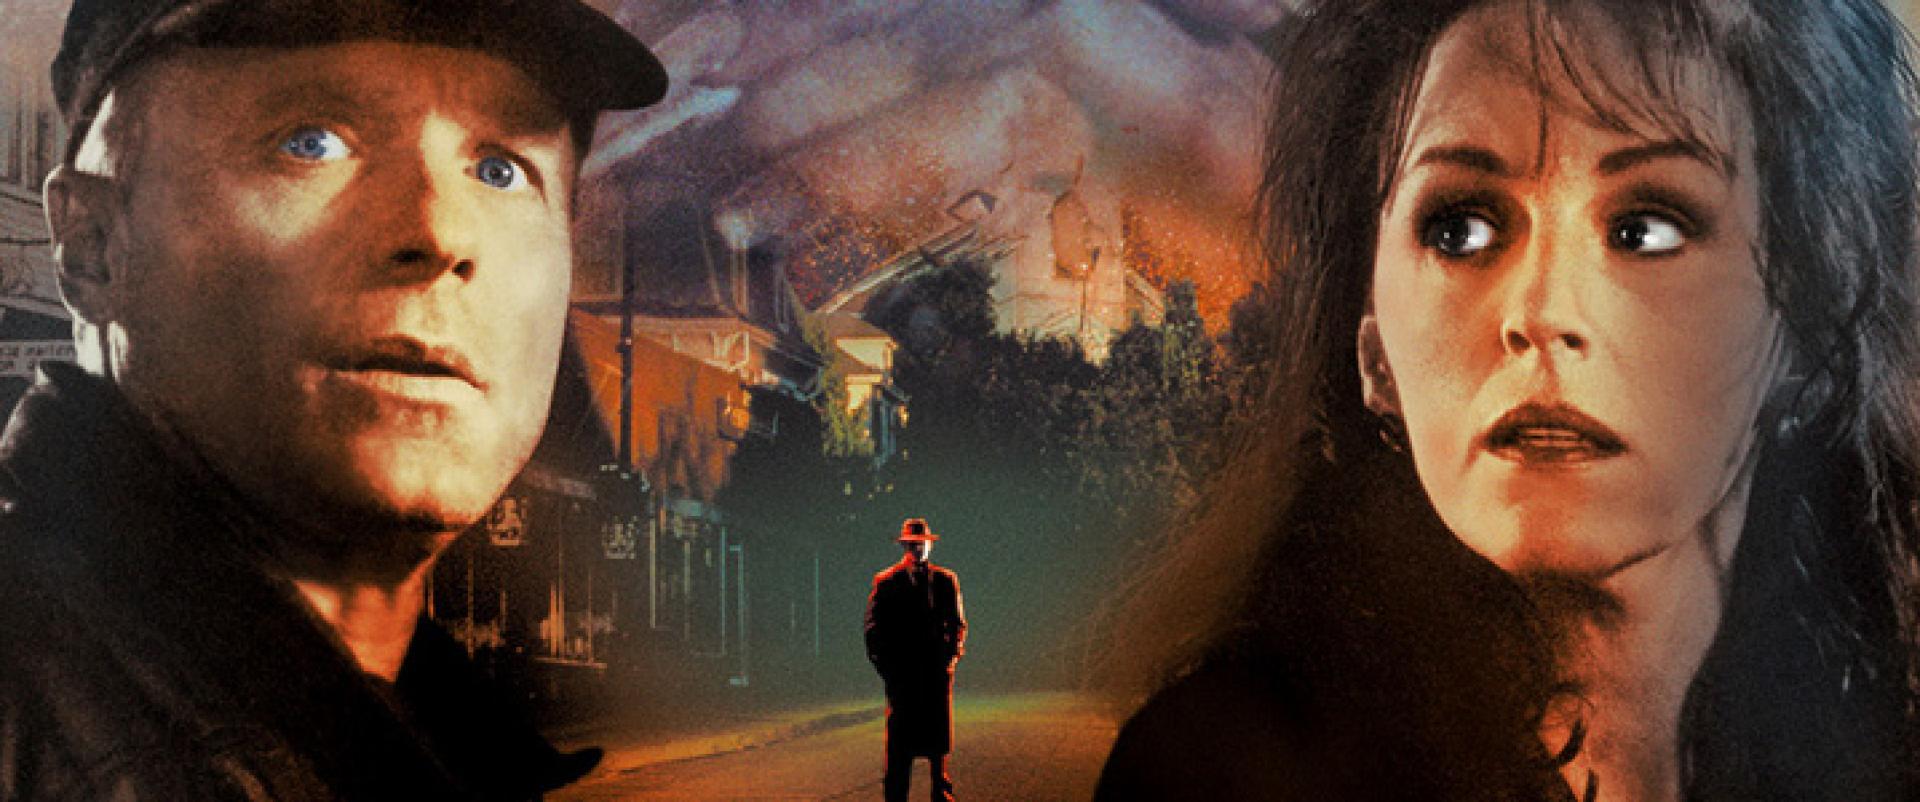 Stephen King: Needful Things - Hasznos holmik (1991/1993)